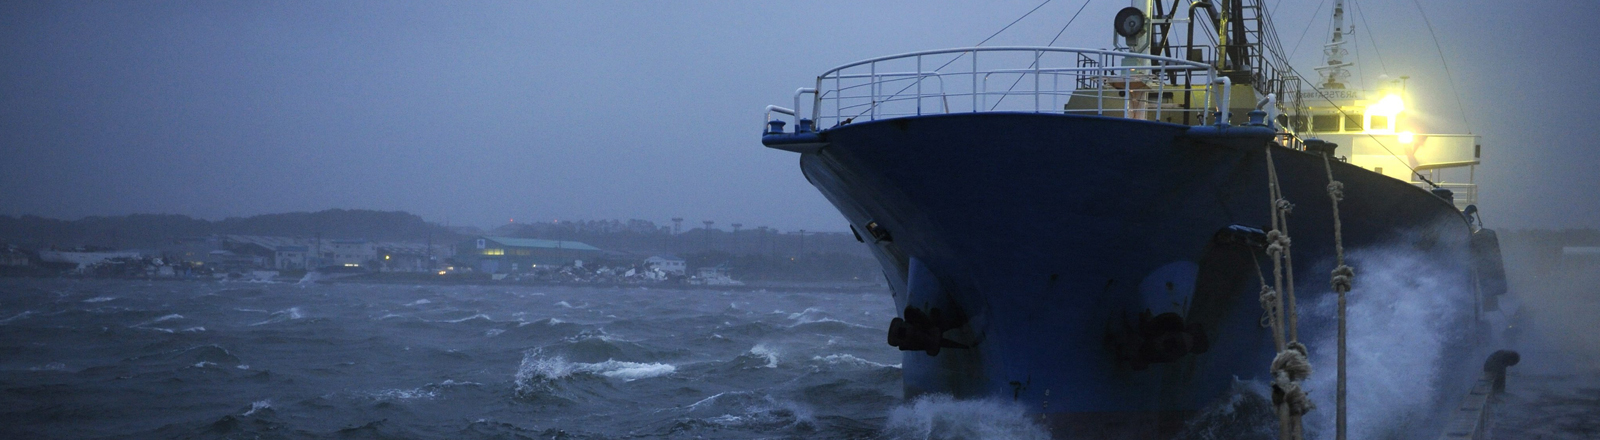 Der Taifun Melor am Hafen von Hachinohe in der japanischen Provinz Aomori.